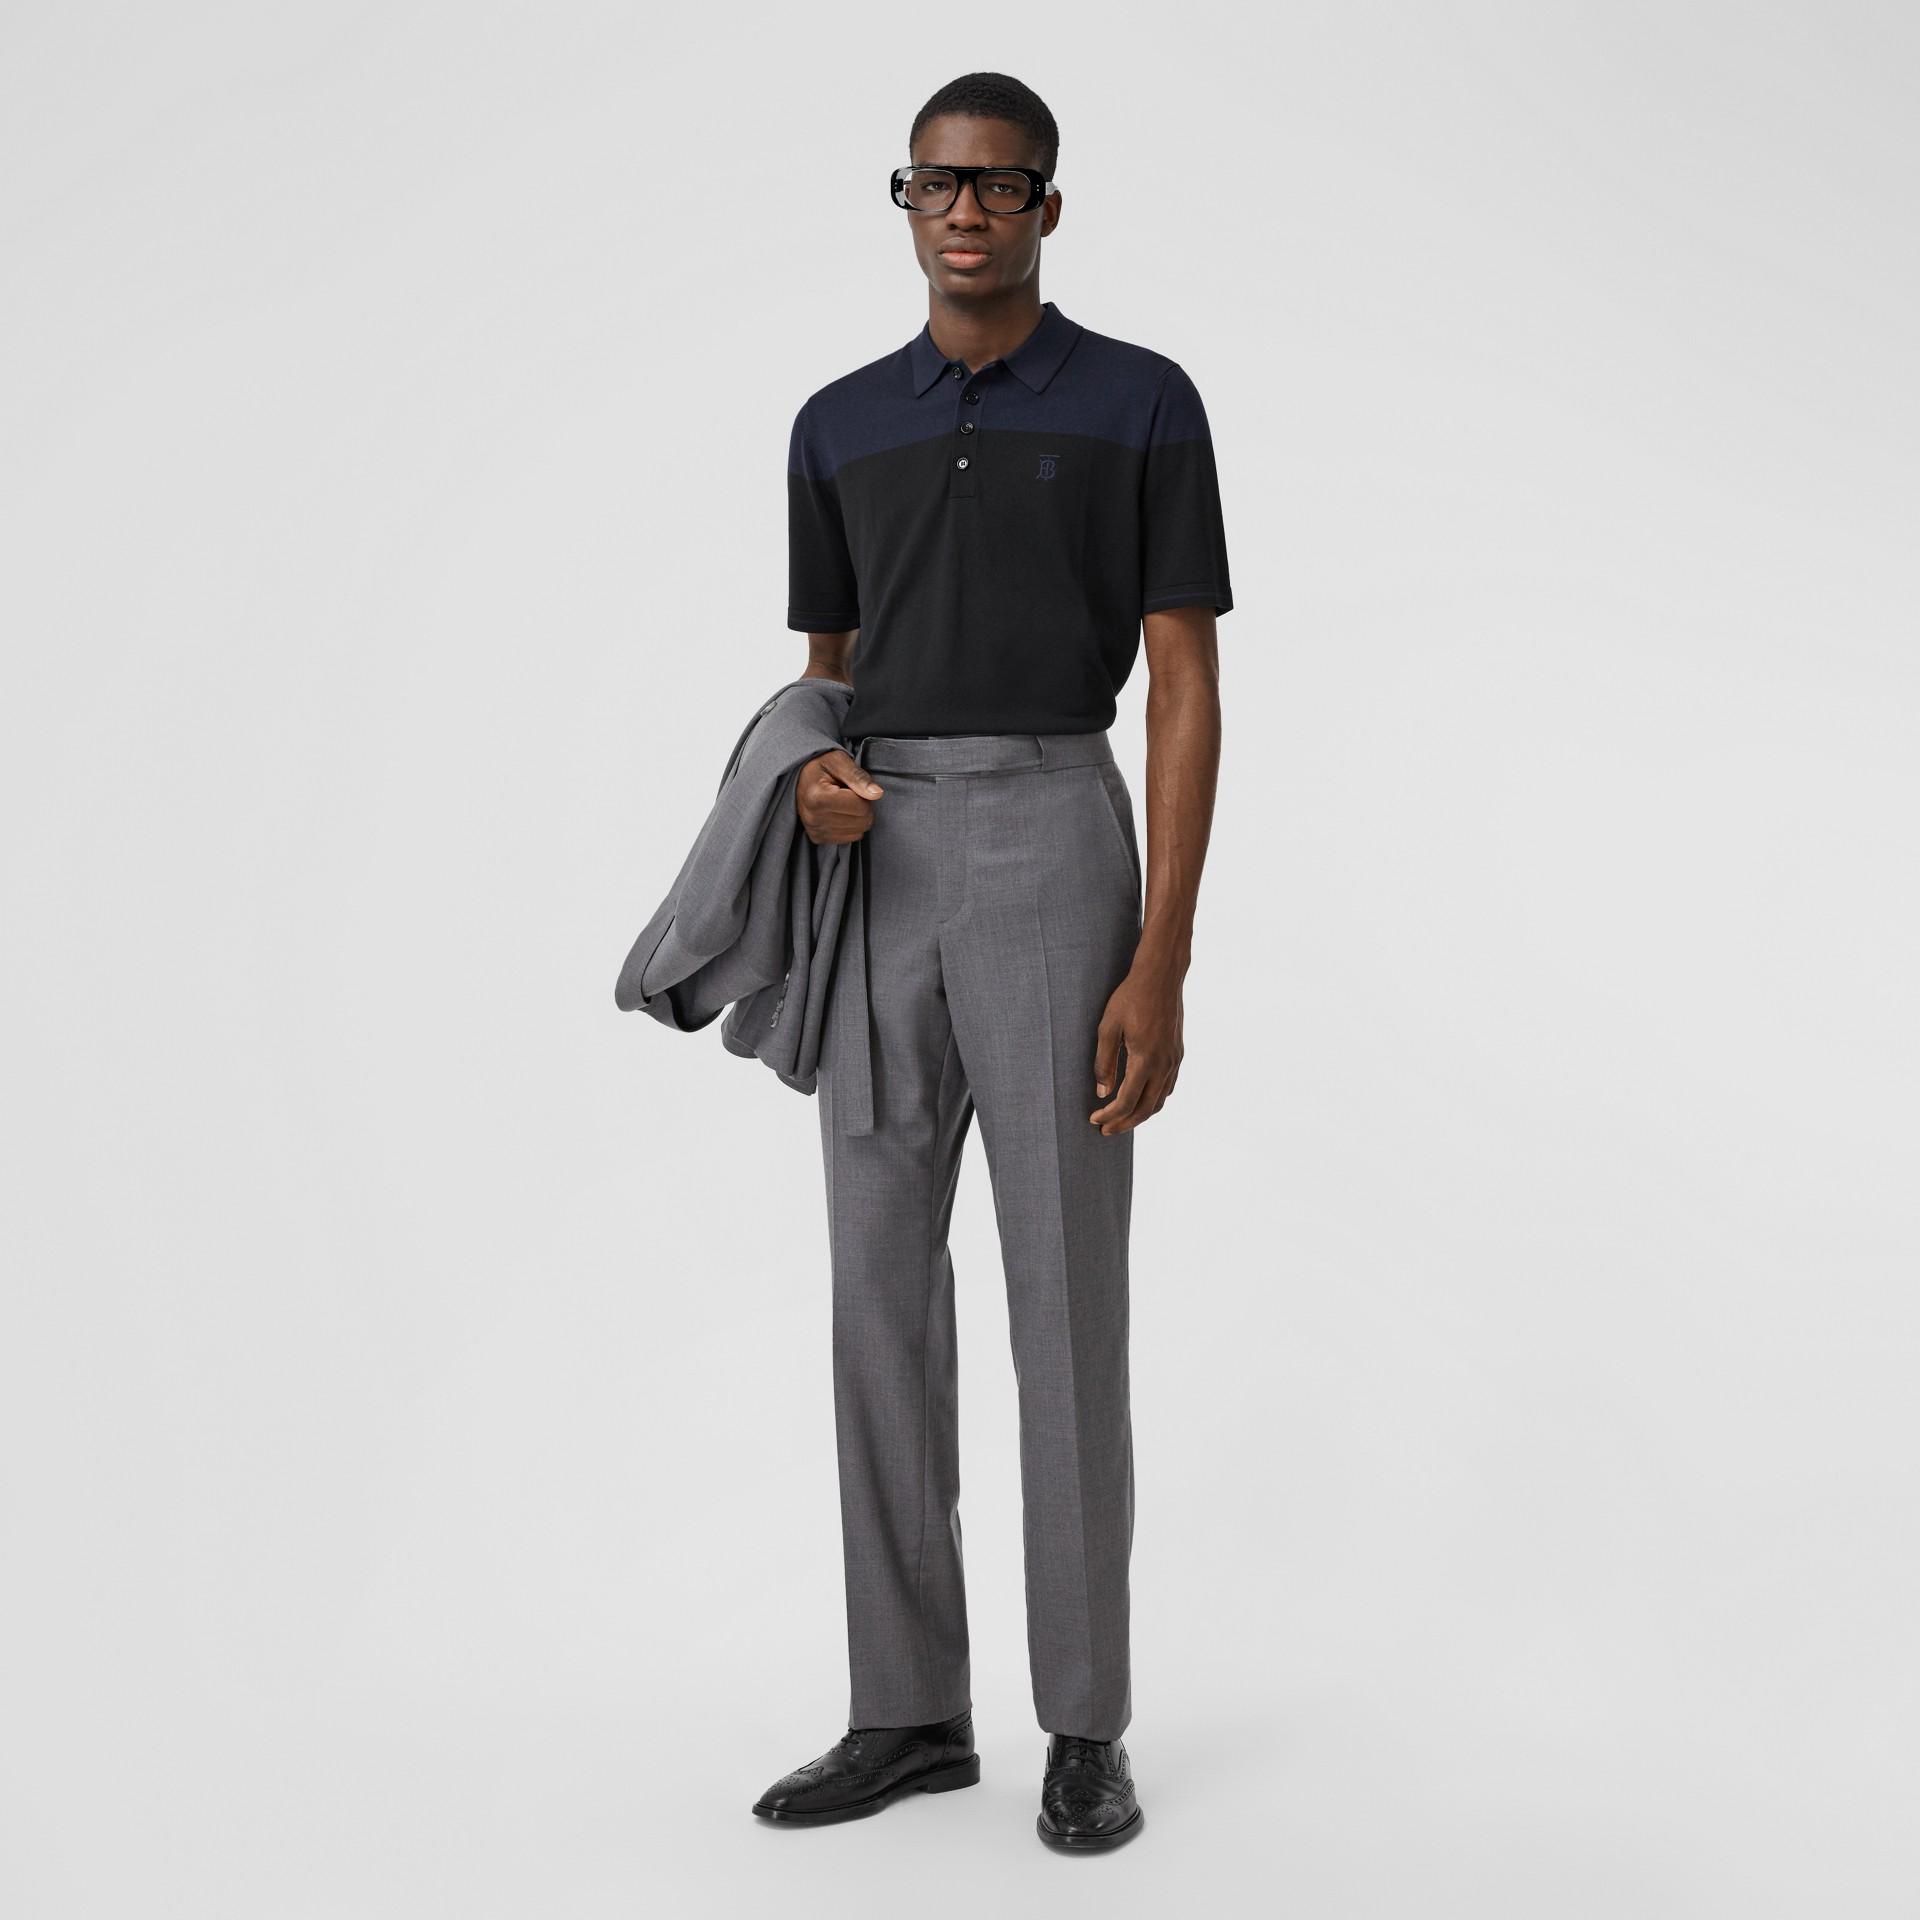 モノグラムモチーフ ツートン シルクカシミア ポロシャツ (ブラック/ネイビー) - メンズ | バーバリー - ギャラリーイメージ 4